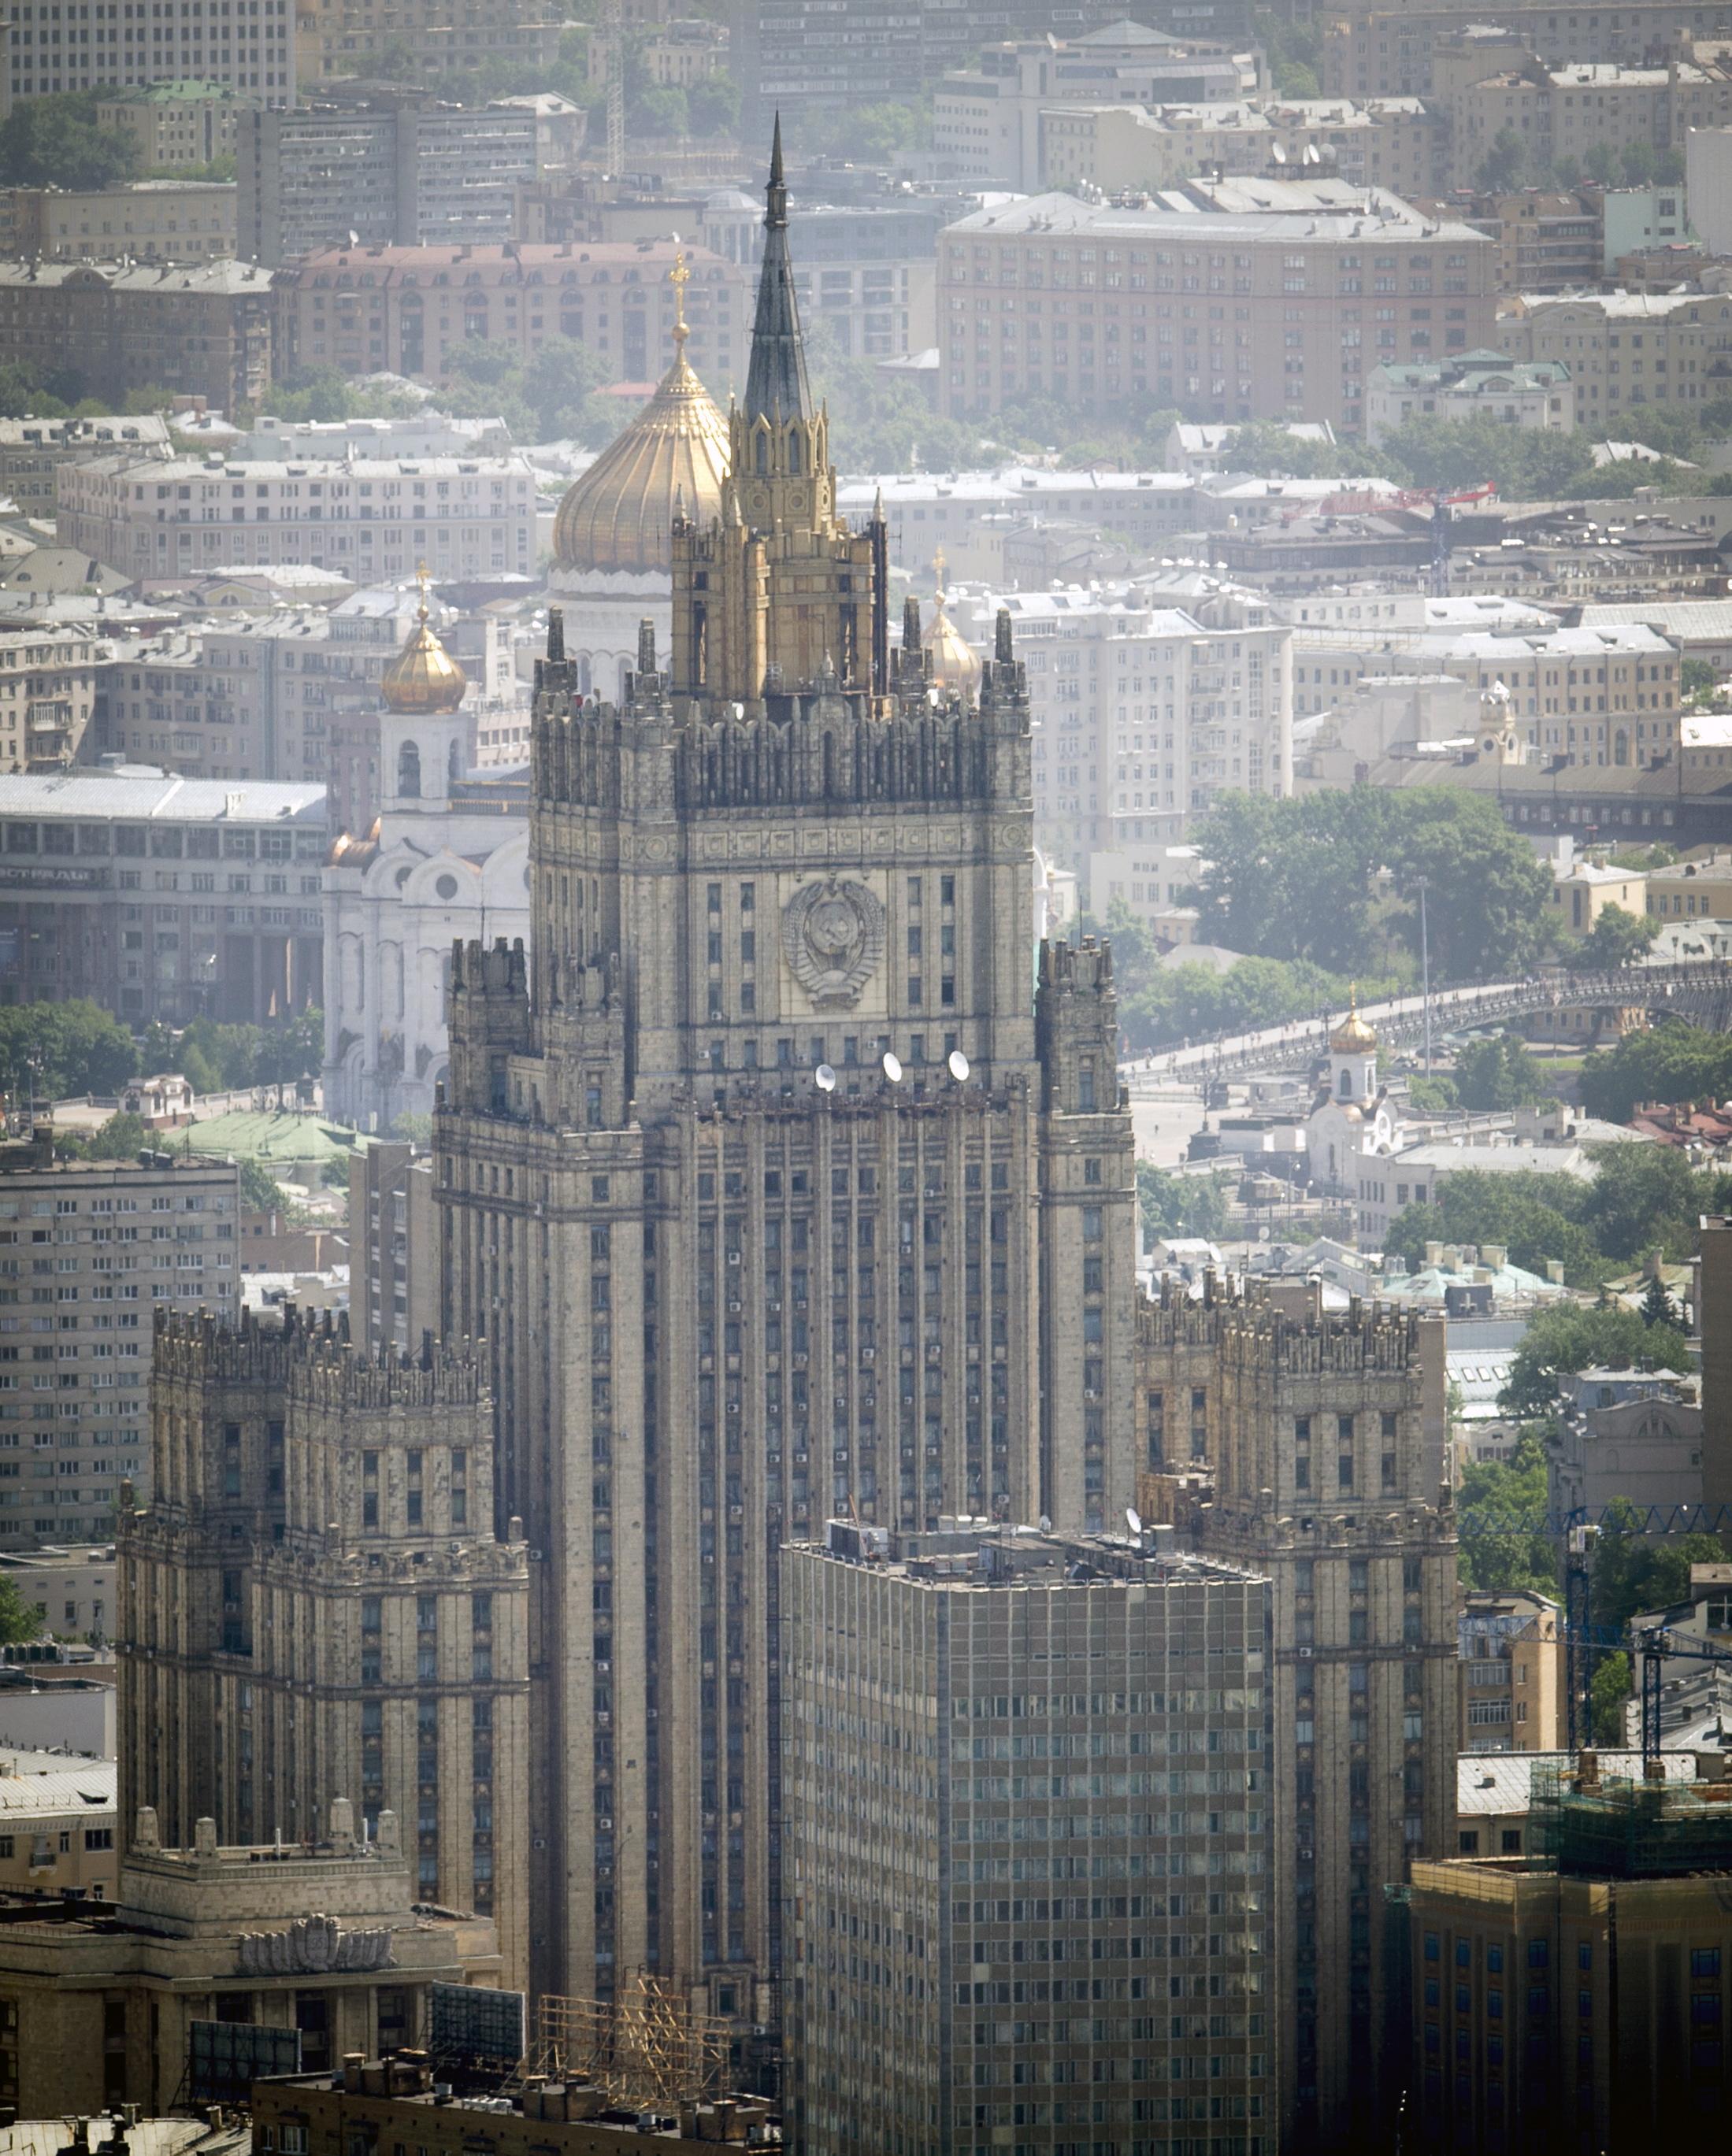 Работы по замене шпиля завершатся к концу 2017 года Фото: Алексей Дружинин/ТАСС